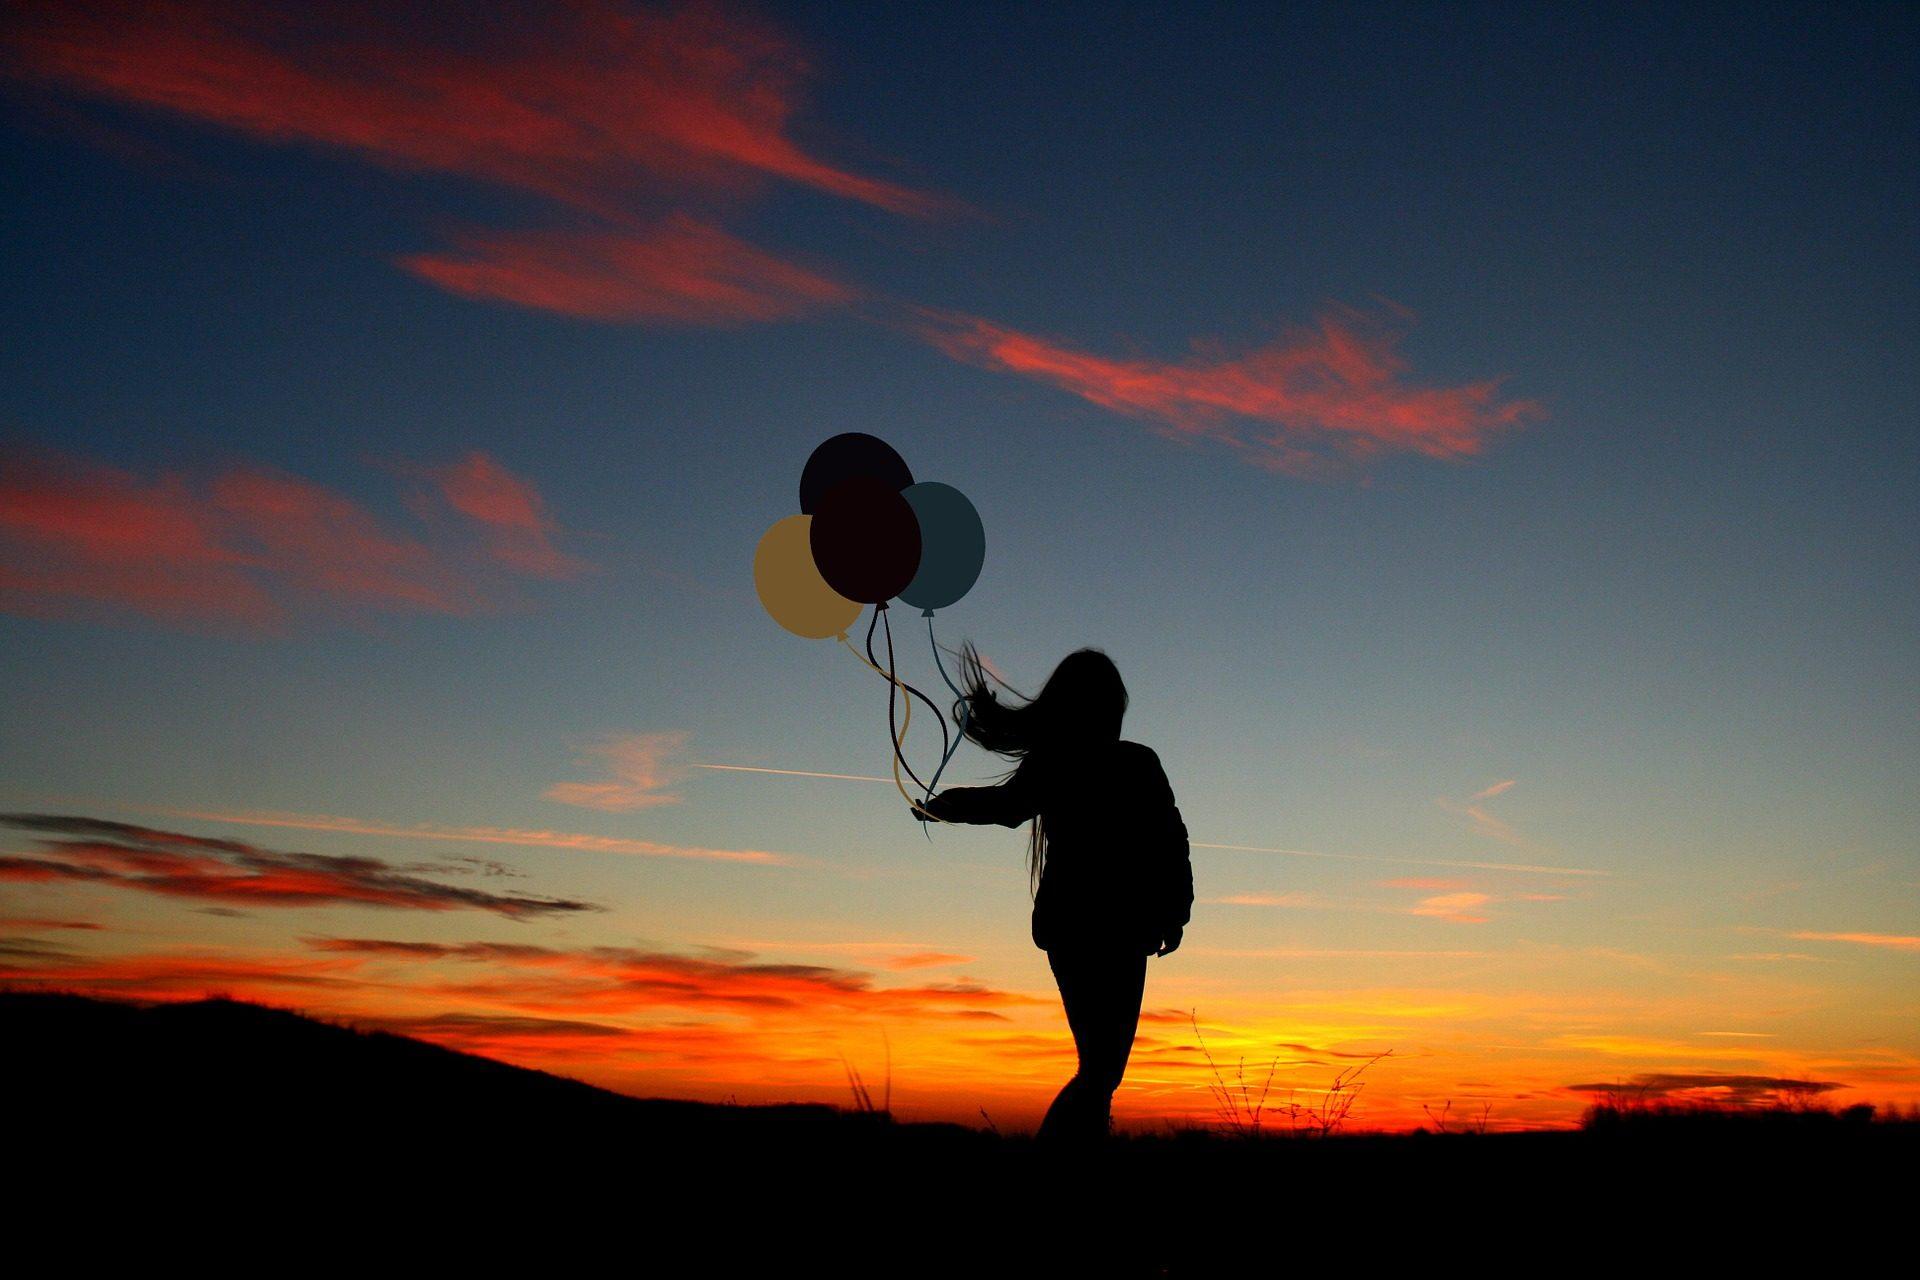 Pôr do sol, menina, Silhueta, balões, vento, nuvens - Papéis de parede HD - Professor-falken.com